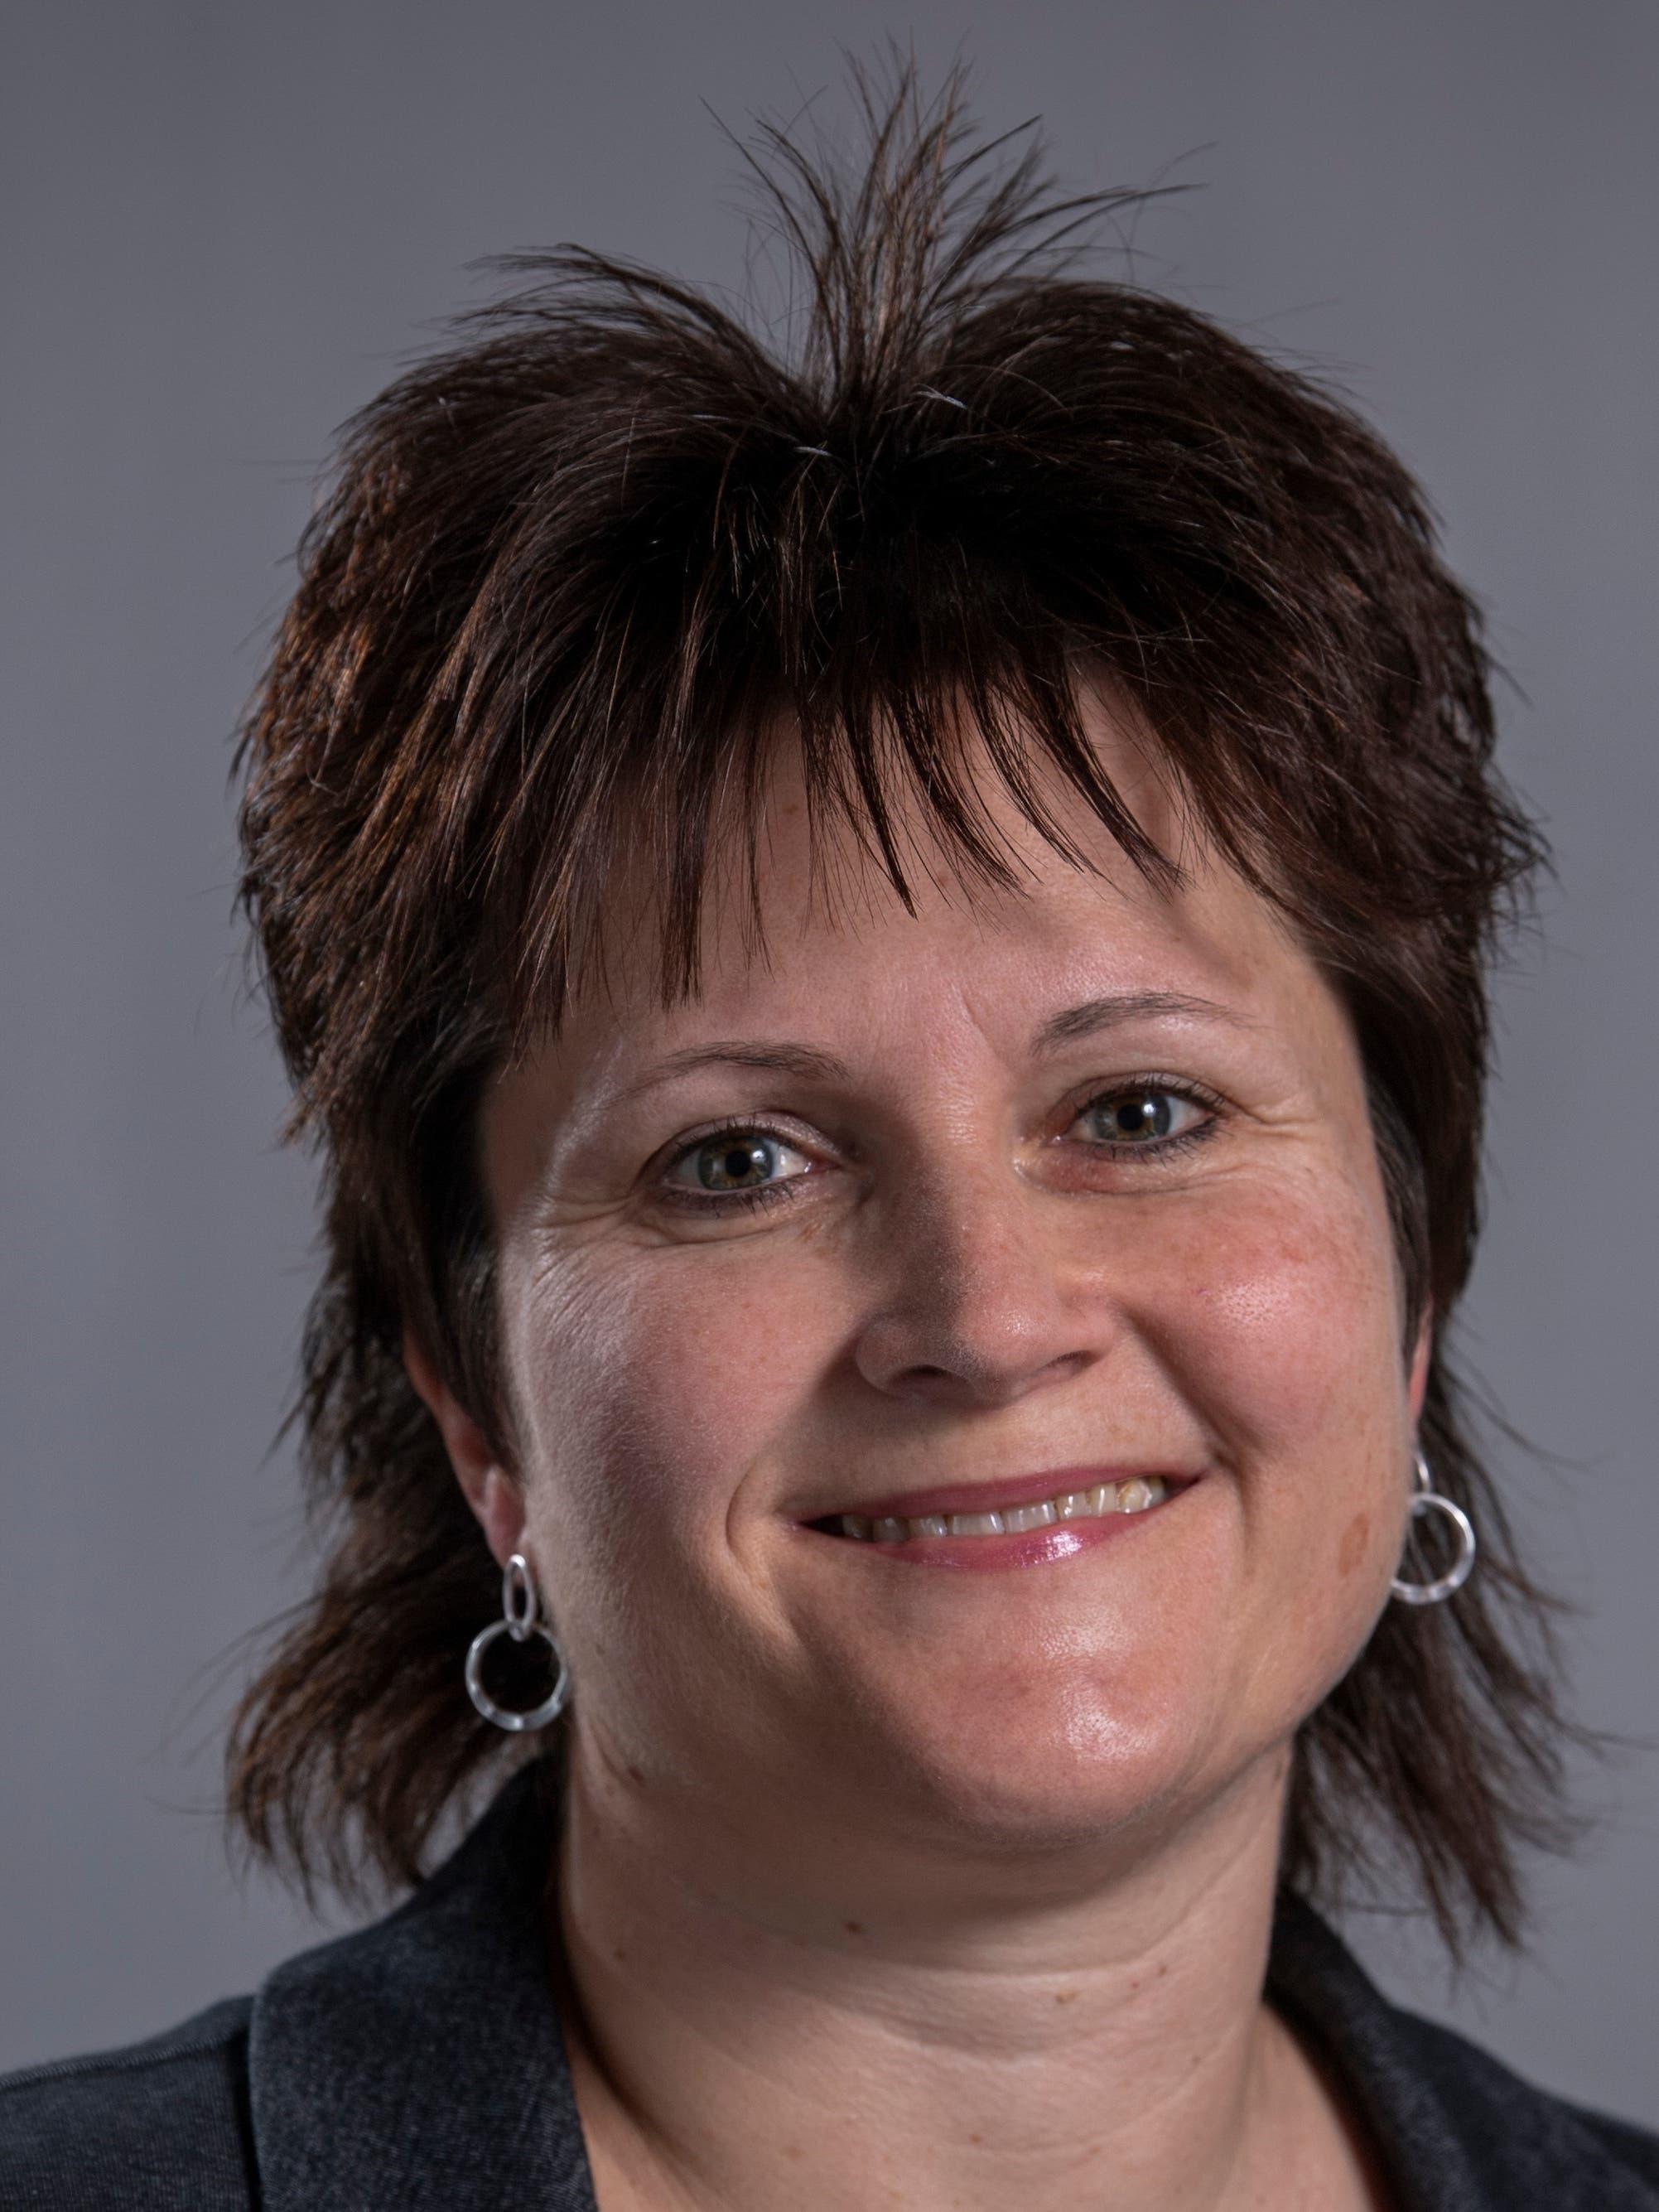 Gewählt: Renate Gerber-Schärt, FDP (bisher)